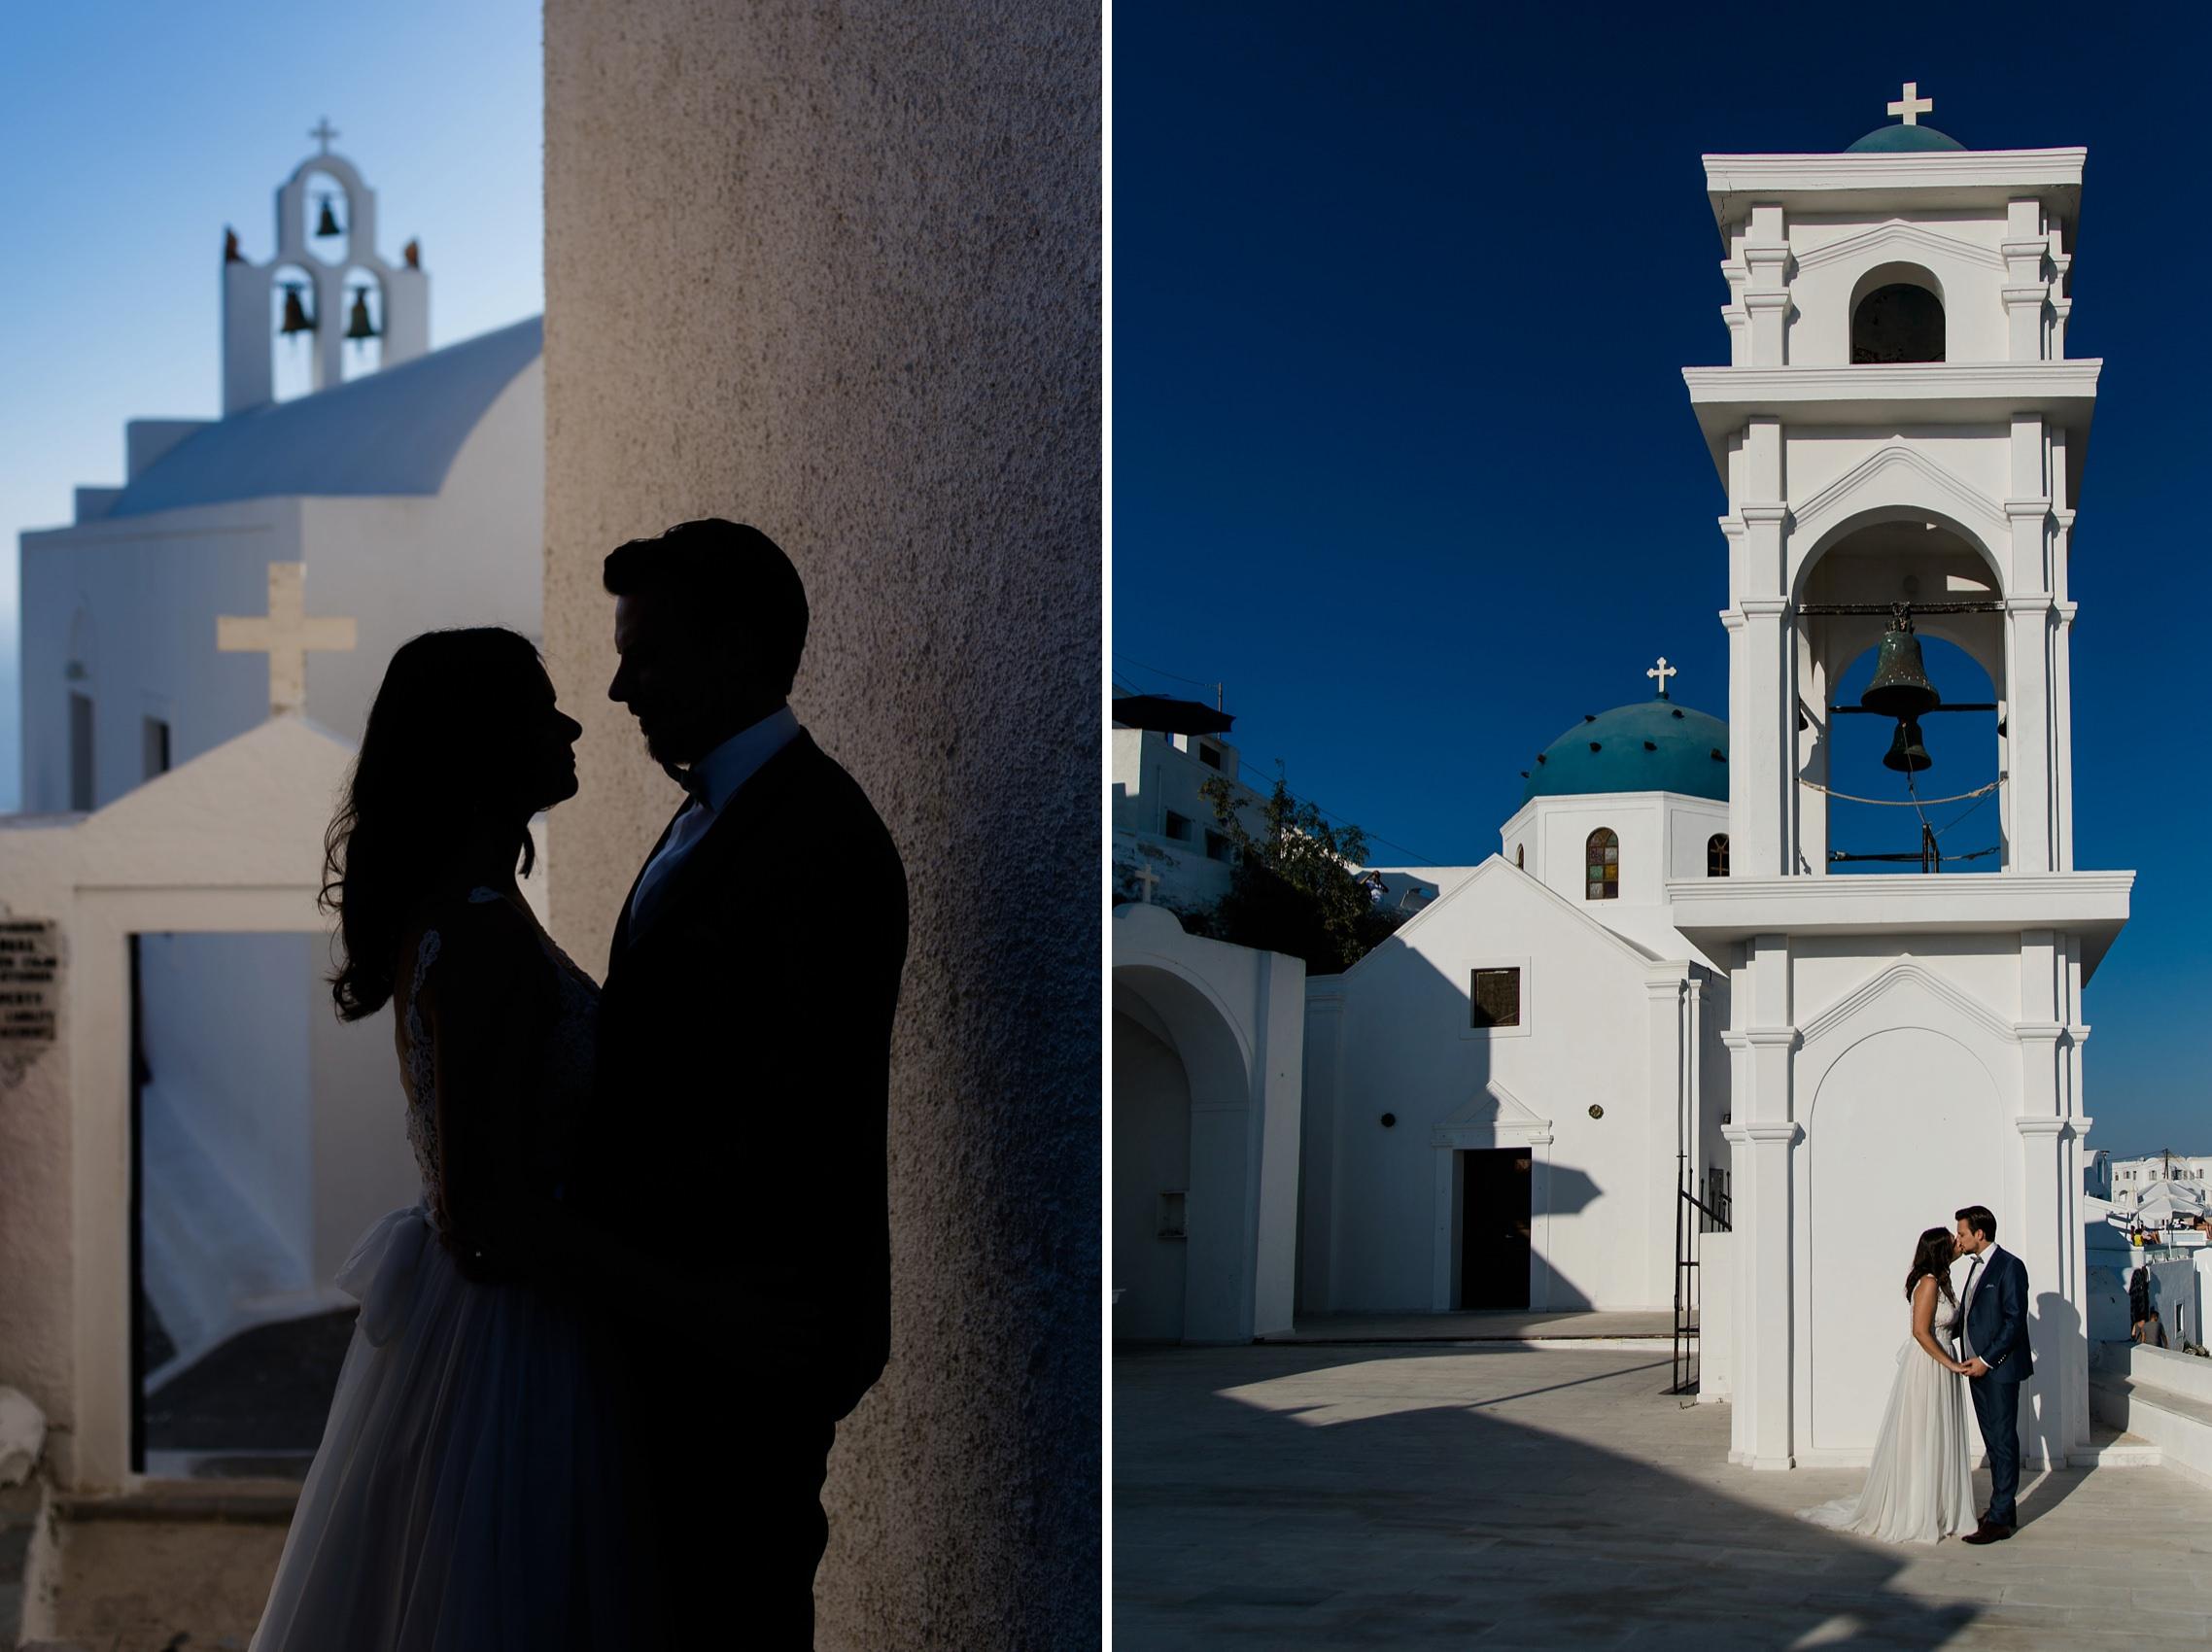 After-Wedding-Shooting Santorini: Ein romantisches Brautpaar - einmal als Silhouette - vor den malerischen Kulissen von Santorini mit den typischen weiß-blauen Farben